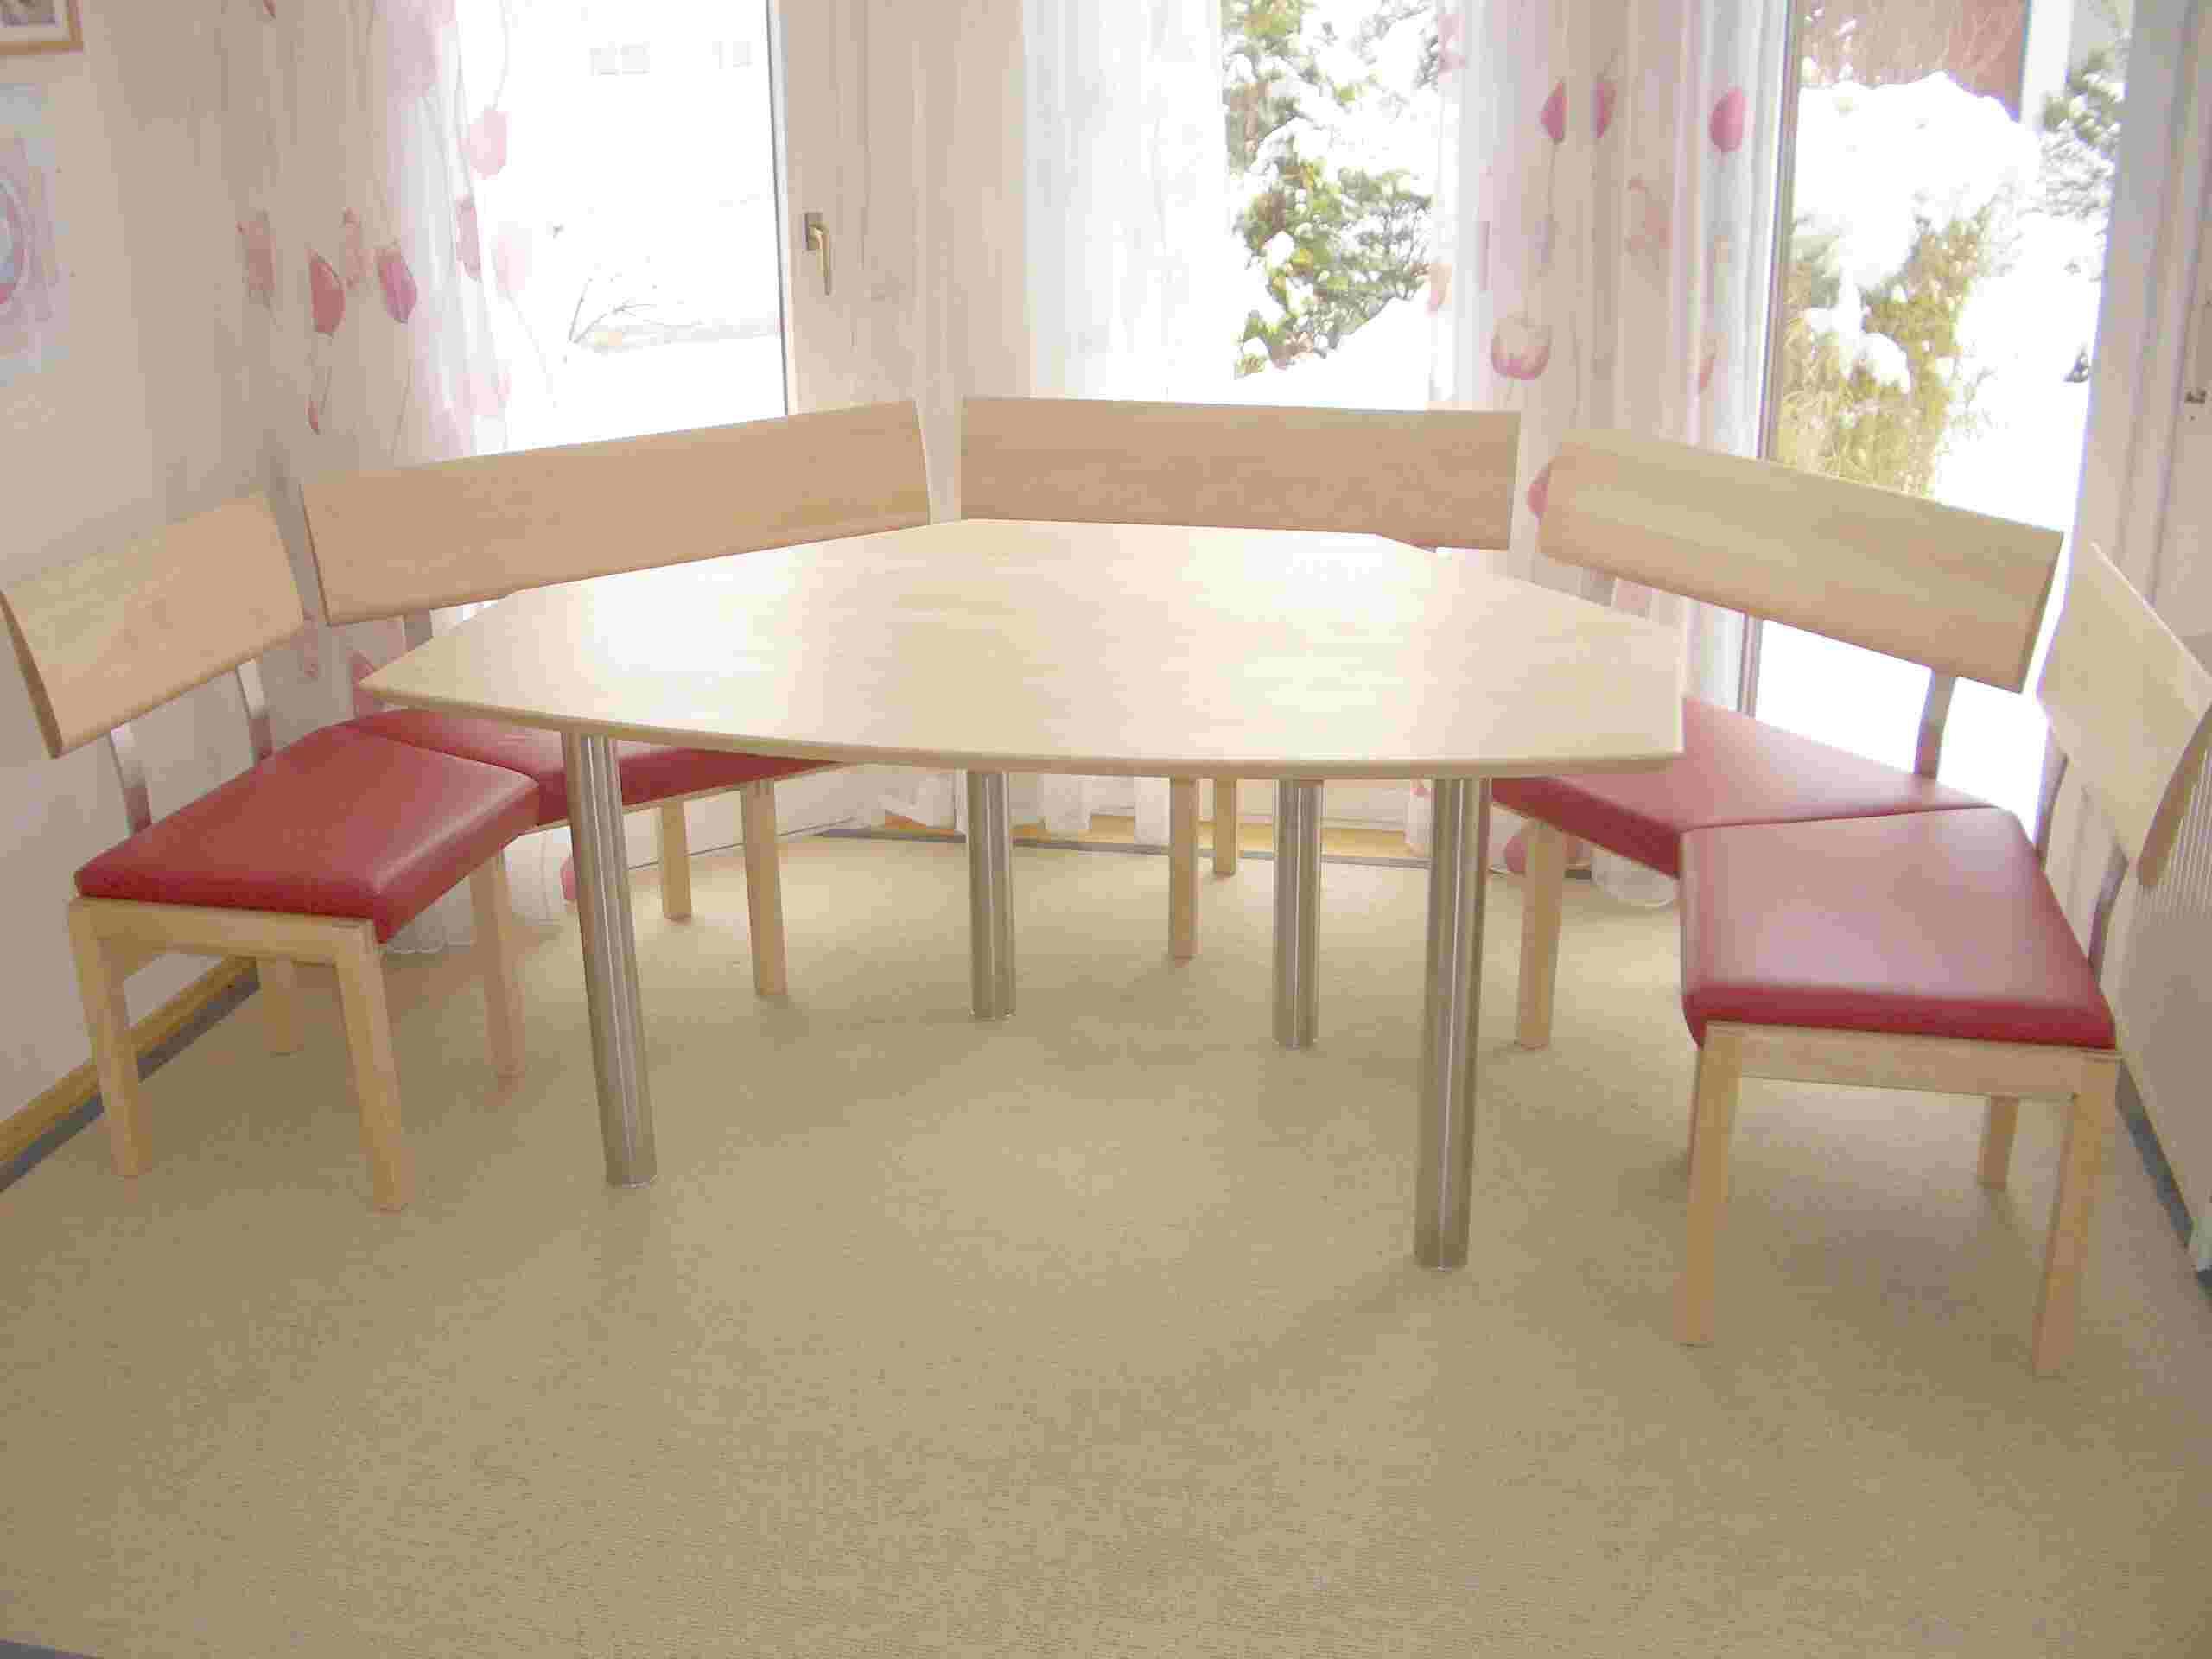 ECKBANK JÖRGER Tisch, Stuhl U0026 Eckbank